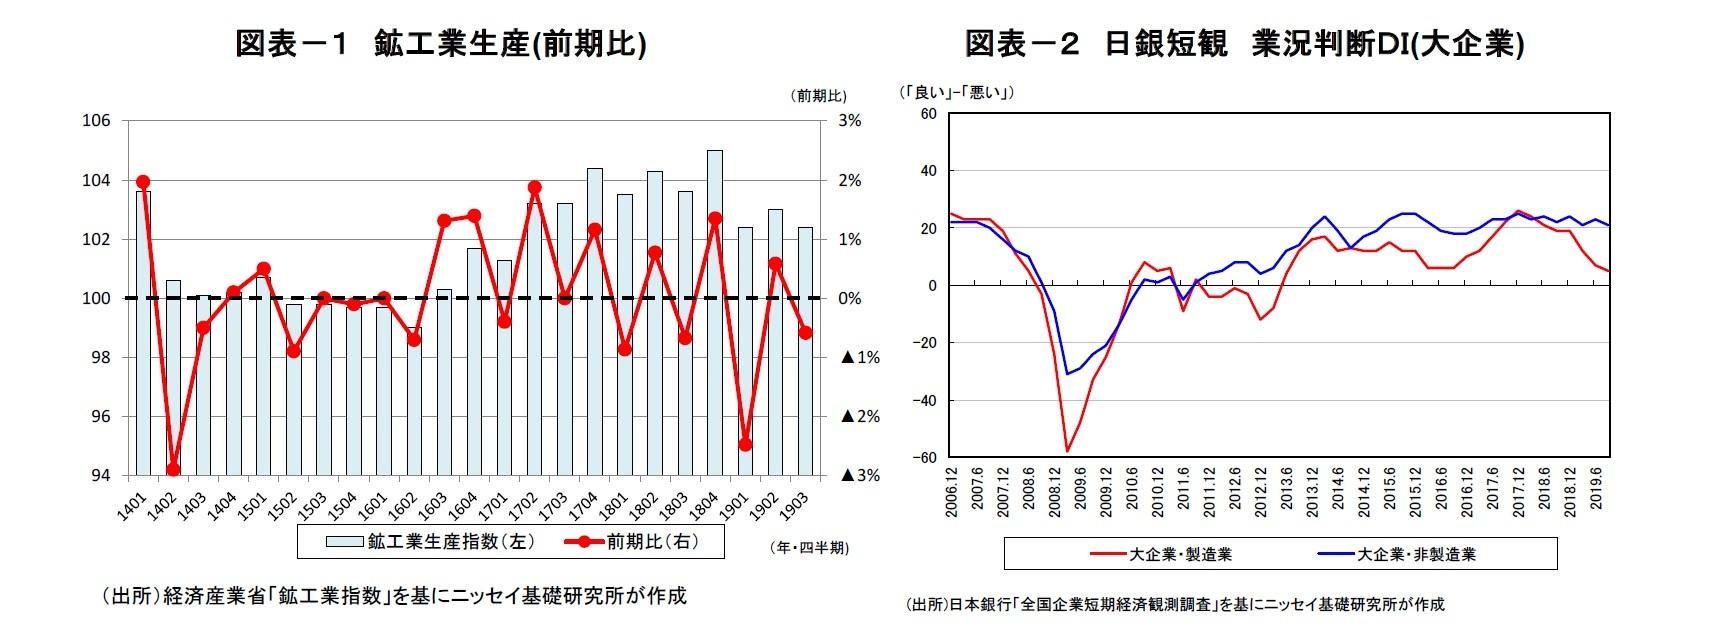 図表-1 鉱工業生産(前期比)/図表-2 日銀短観 業況判断DI(大企業)